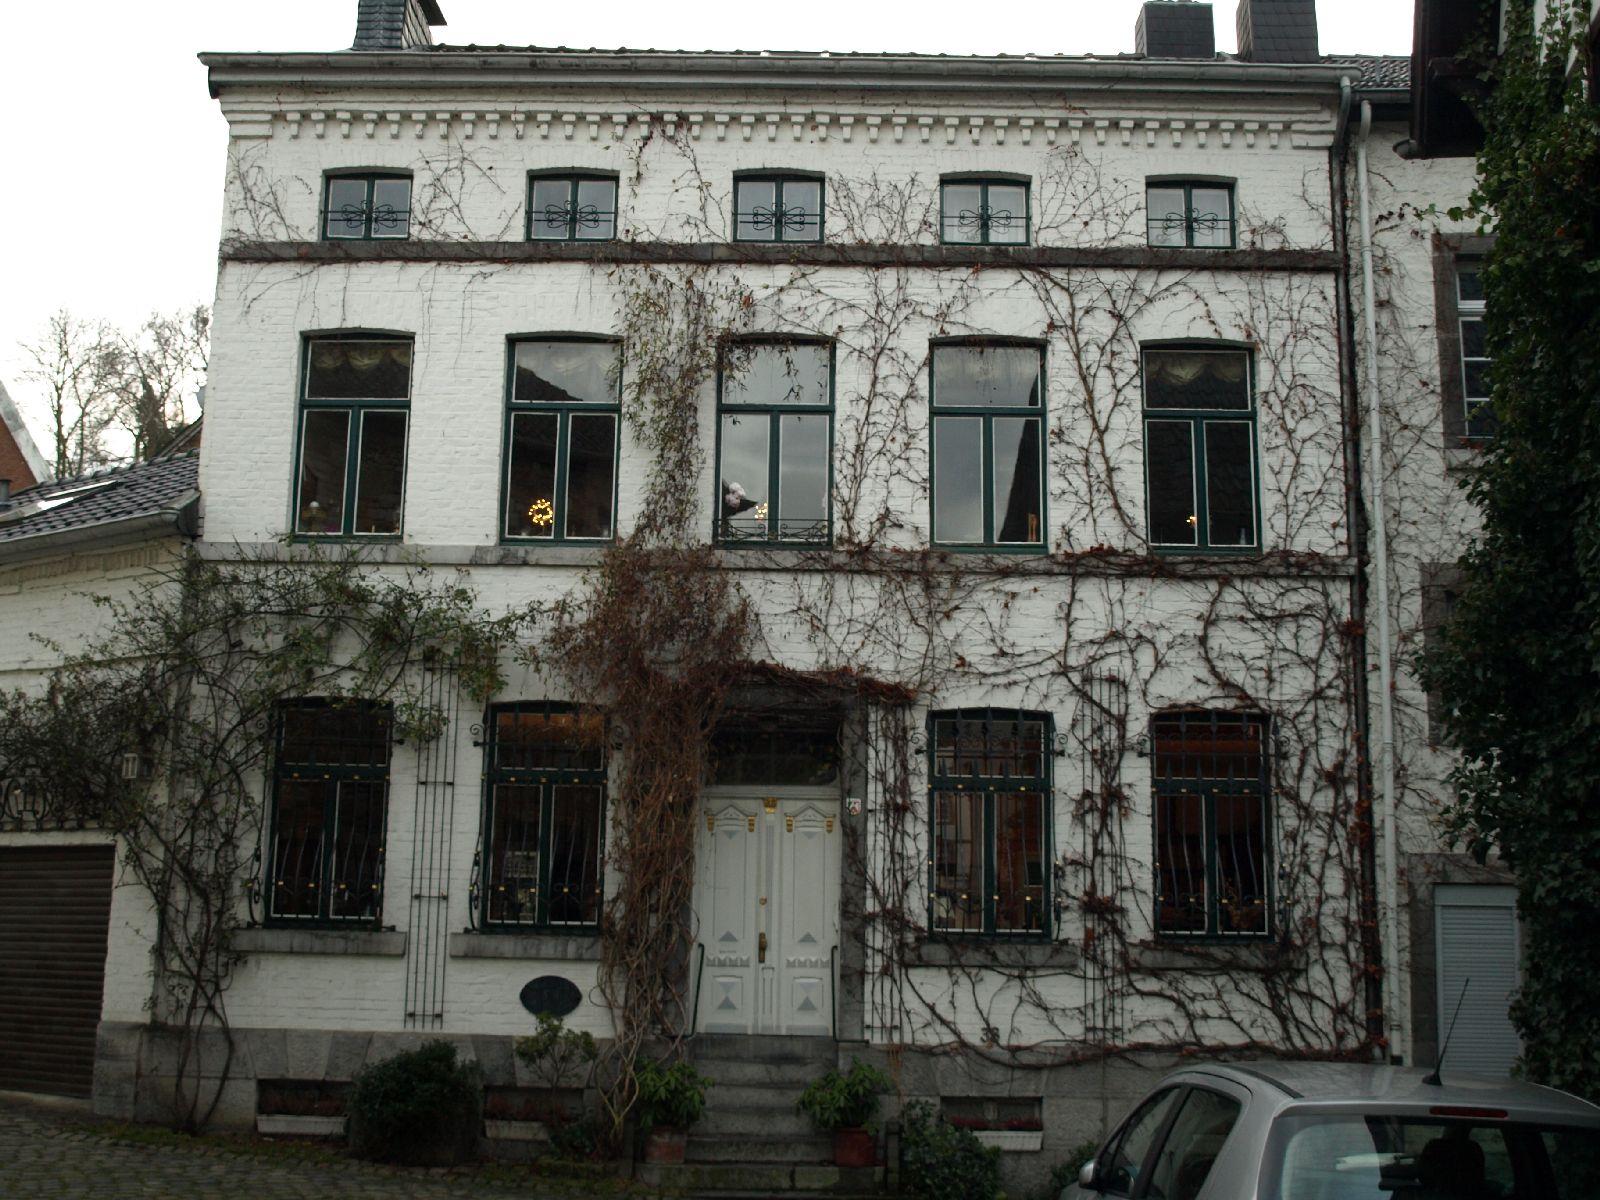 Building_Texture_A_PC197902